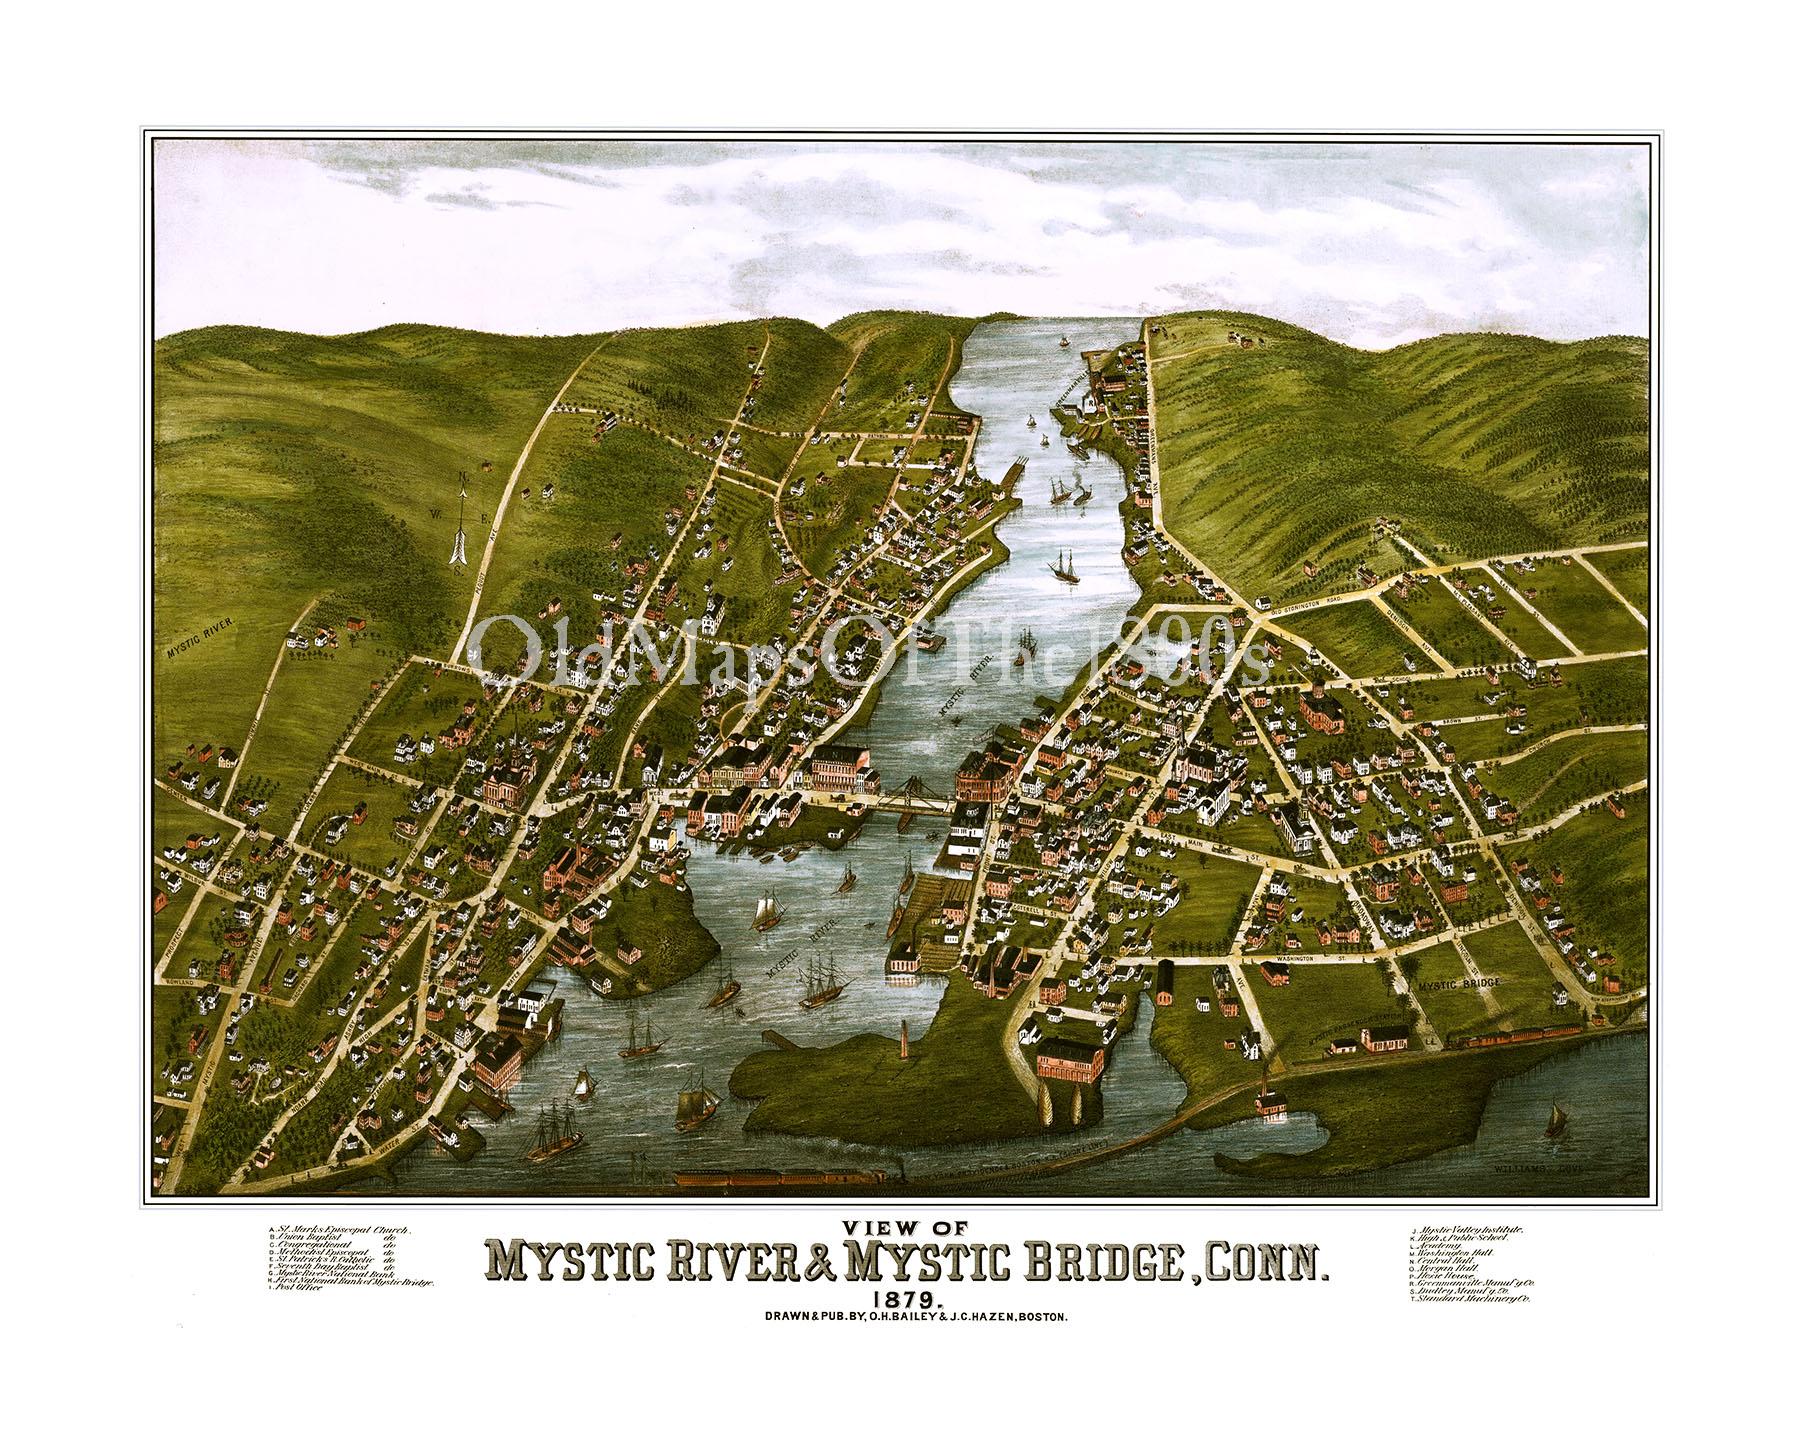 Mystic River CT Bridge In 1879